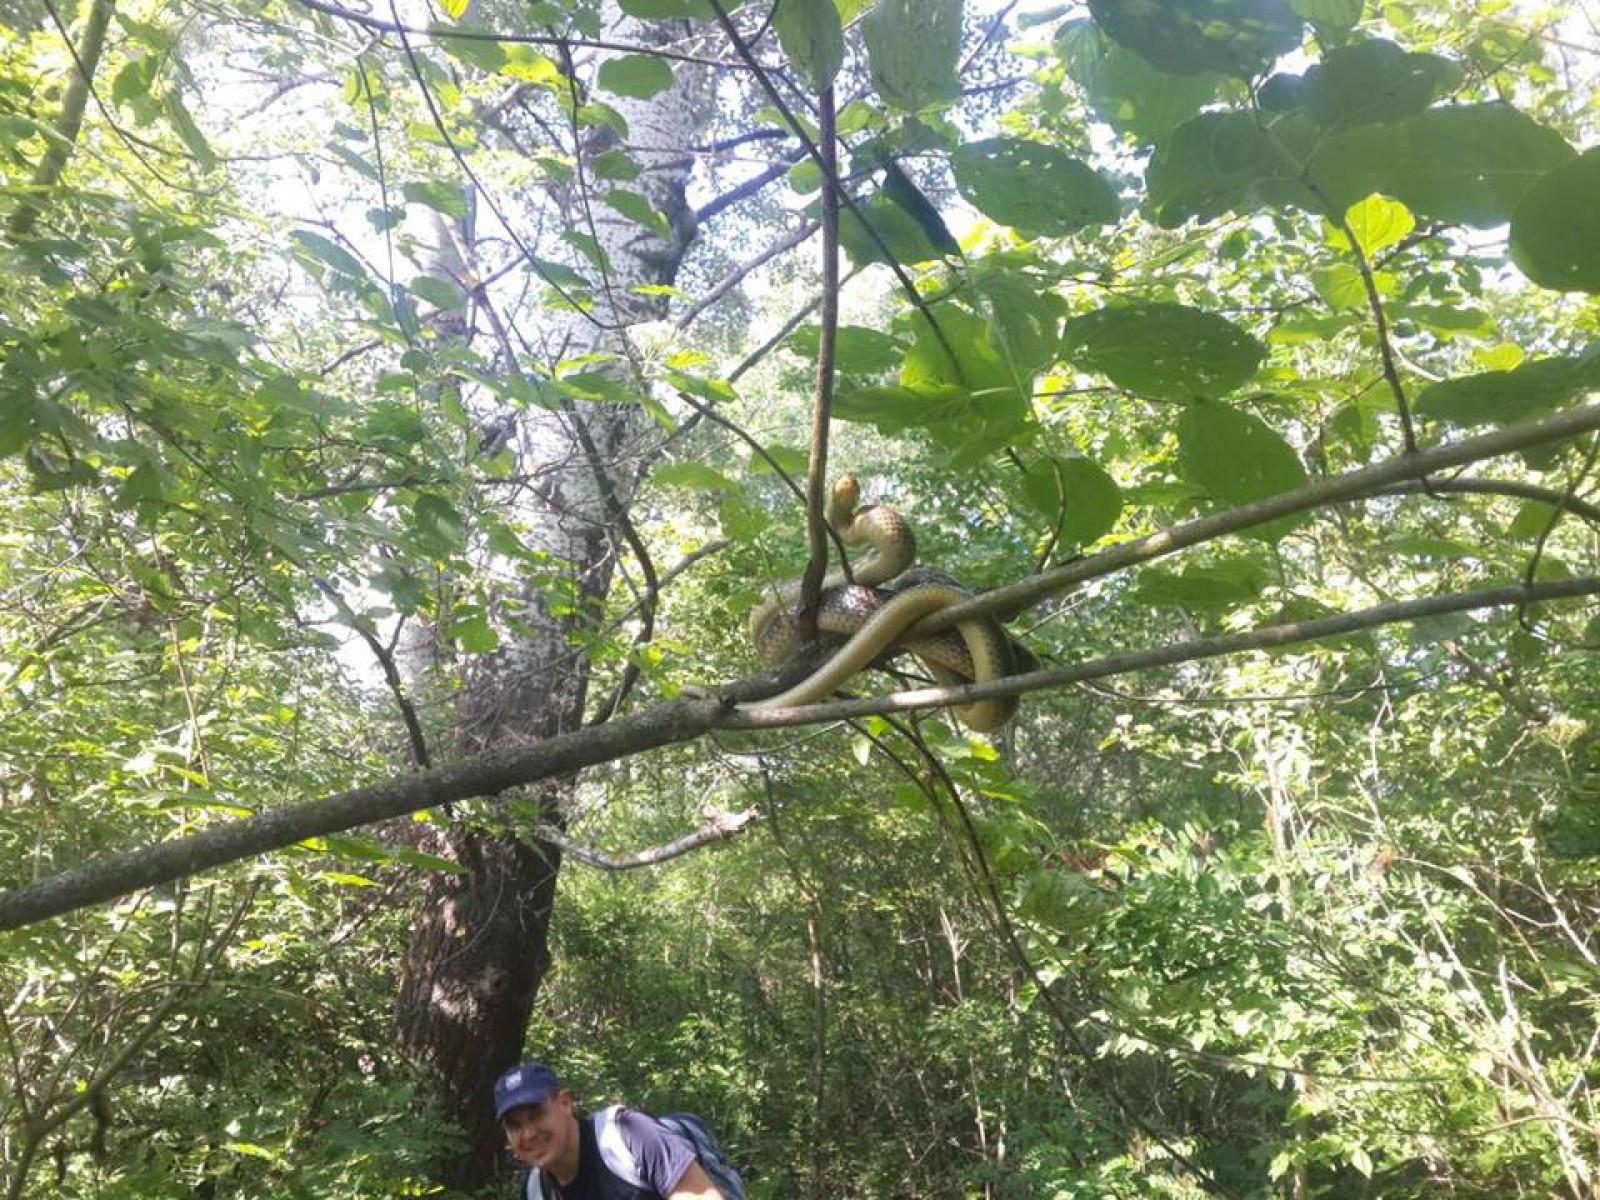 Ещё одну гигантскую змею обнаружили в лесу Унгенского района (ВИДЕО)